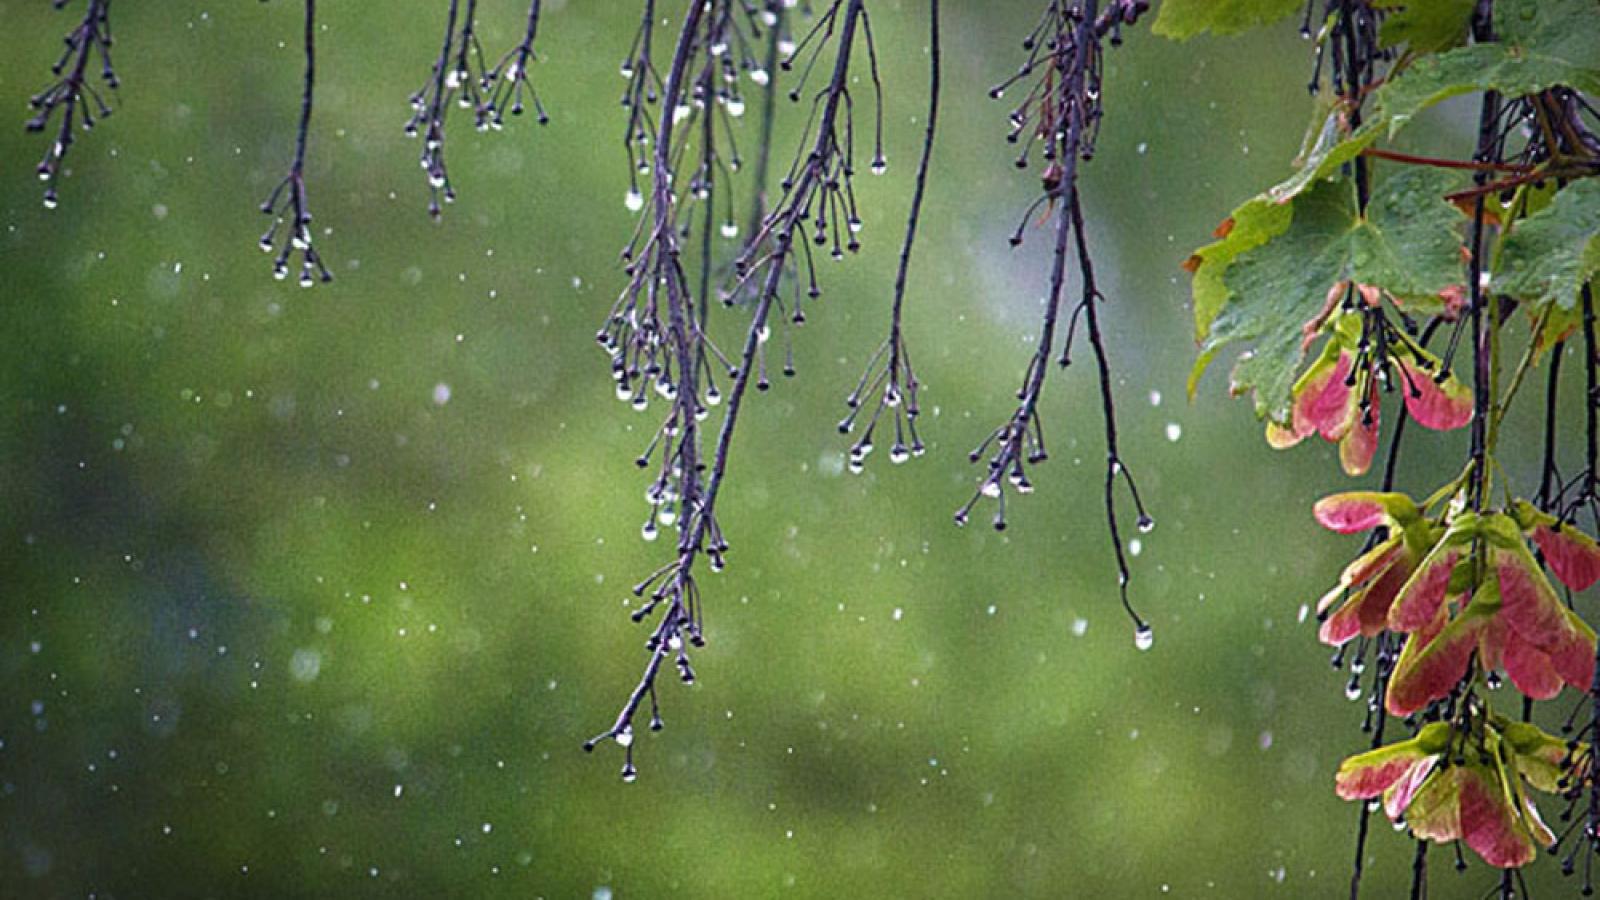 Hà Nội sẽ đón mưa, dông trong tuần tới